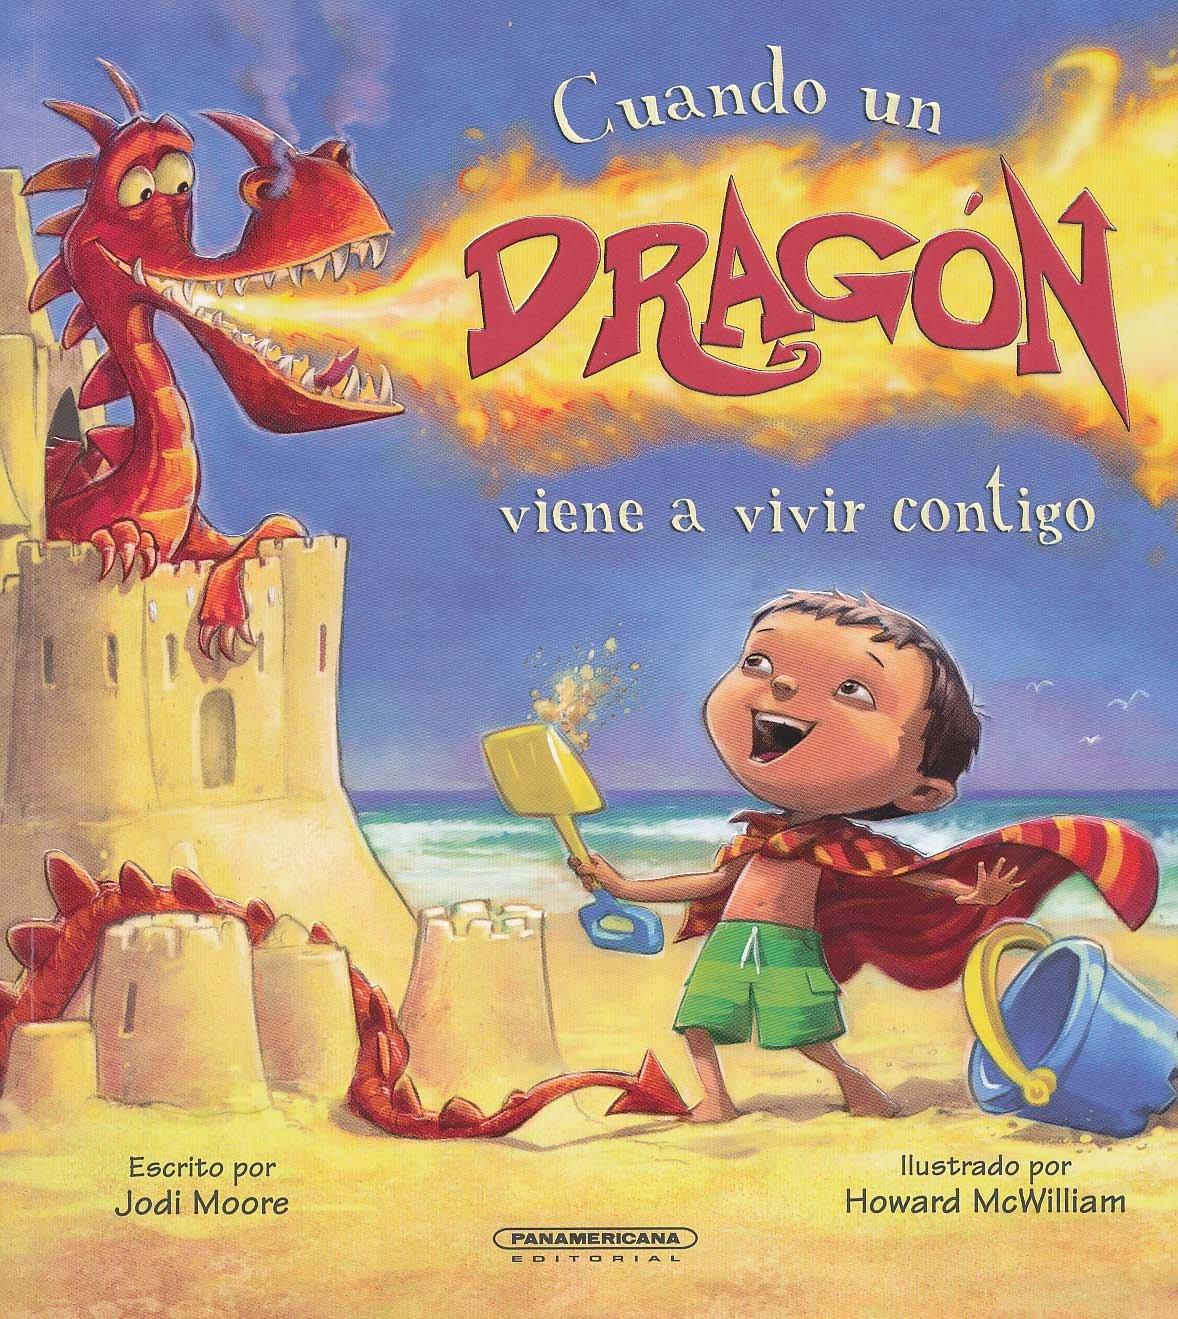 Cuando un dragón viene a vivir contigo (Spanish Edition)